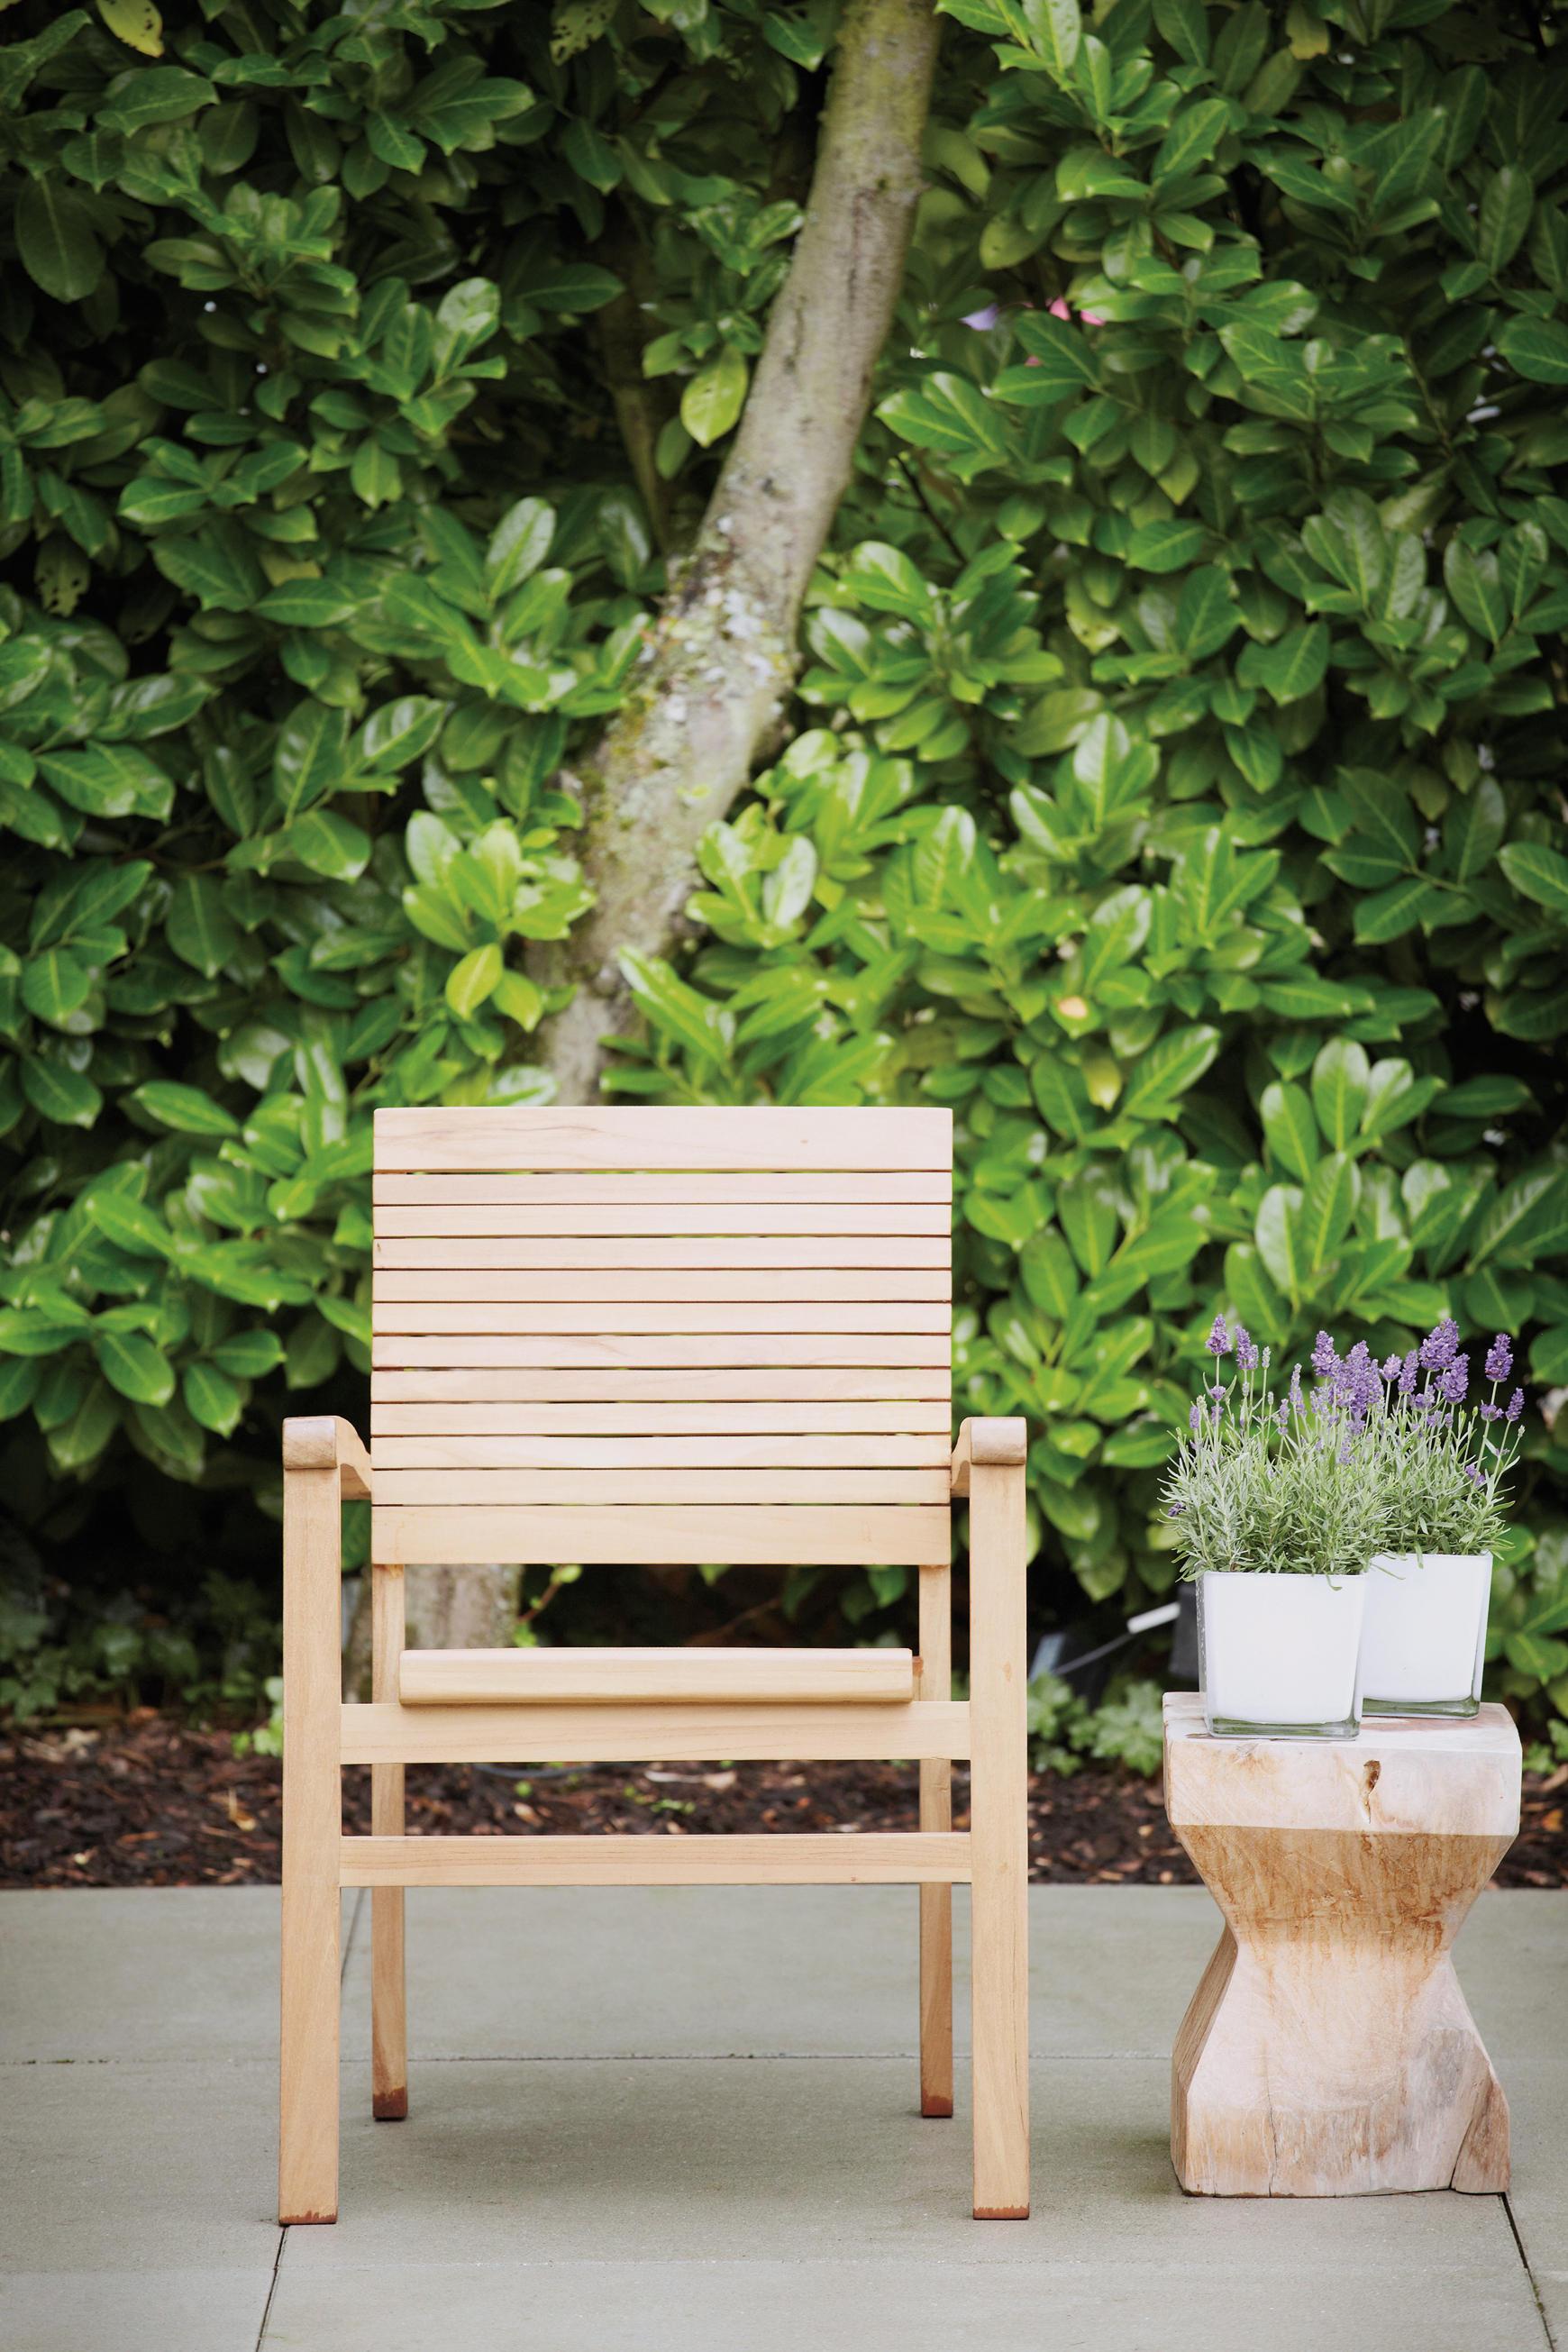 Sumatra stackabel armchair poltrone da giardino jankurtz architonic - Poltrone da giardino usate ...